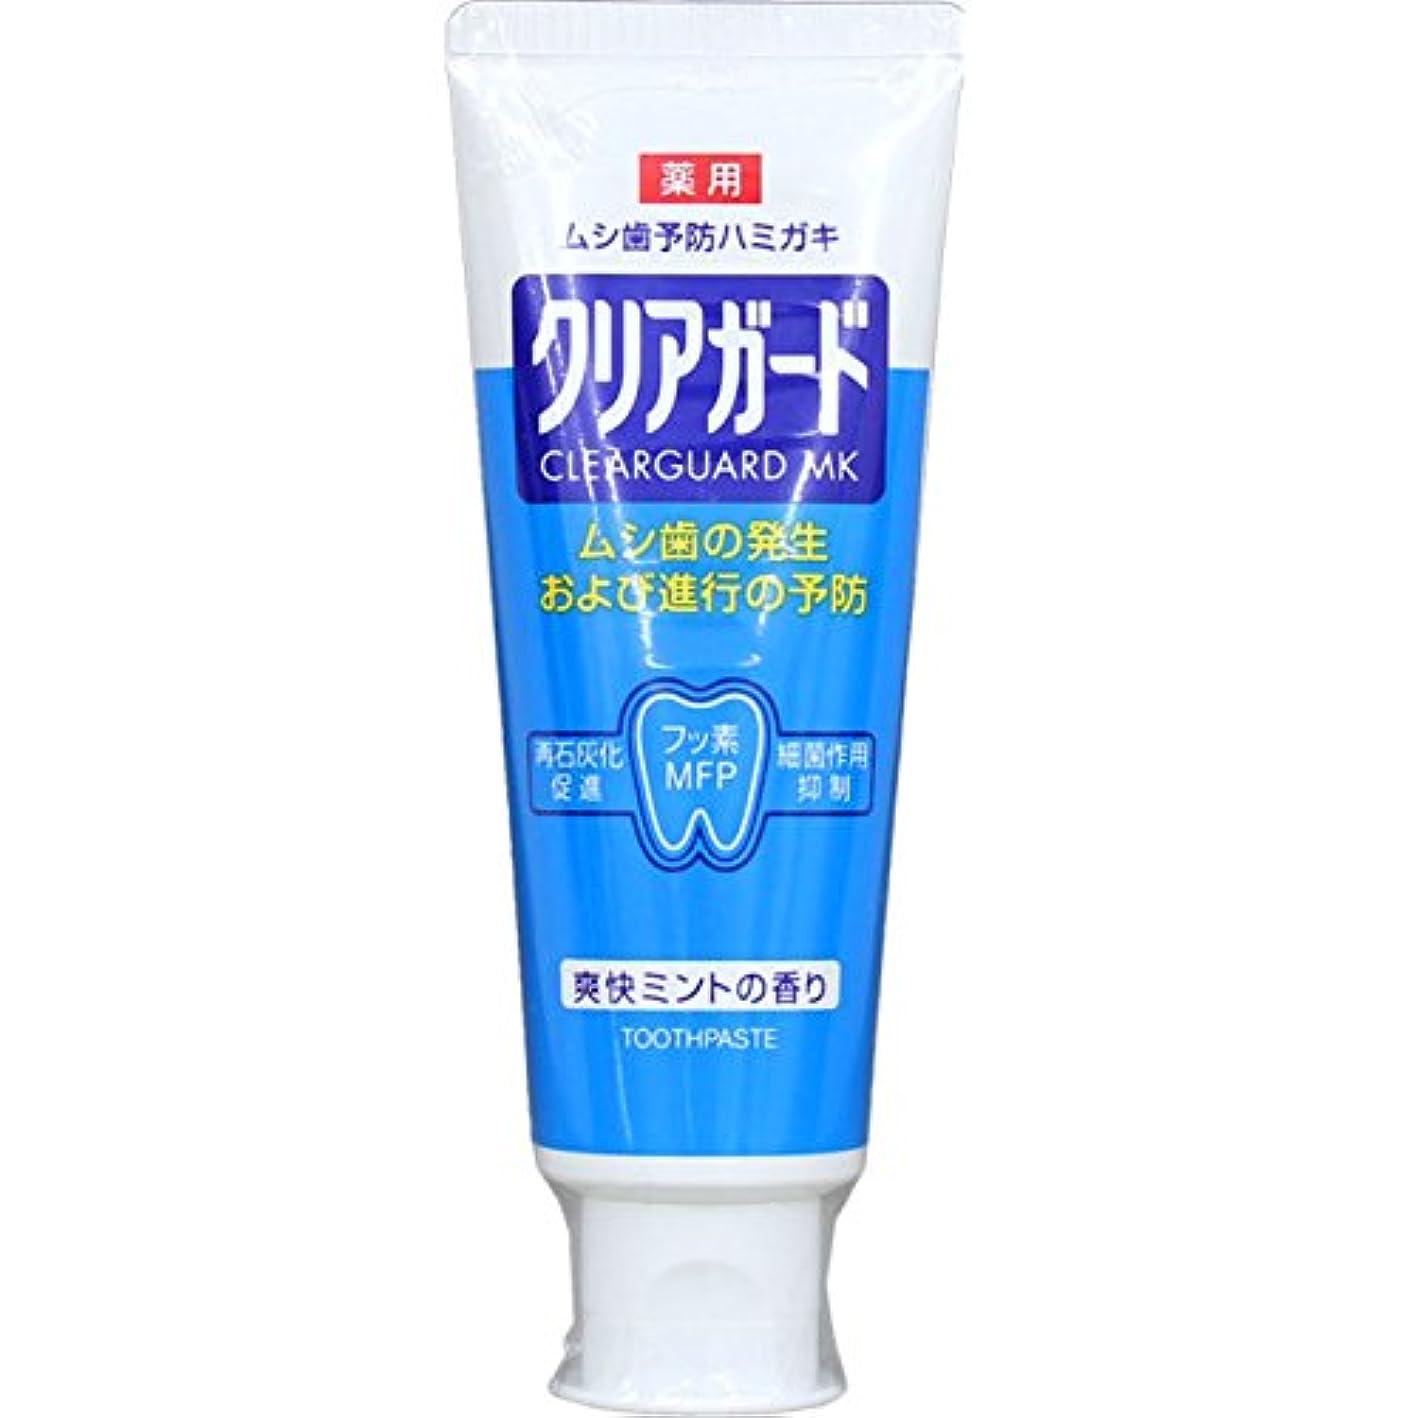 透明にキャッシュ薬用クリアガード 160g (医薬部外品)